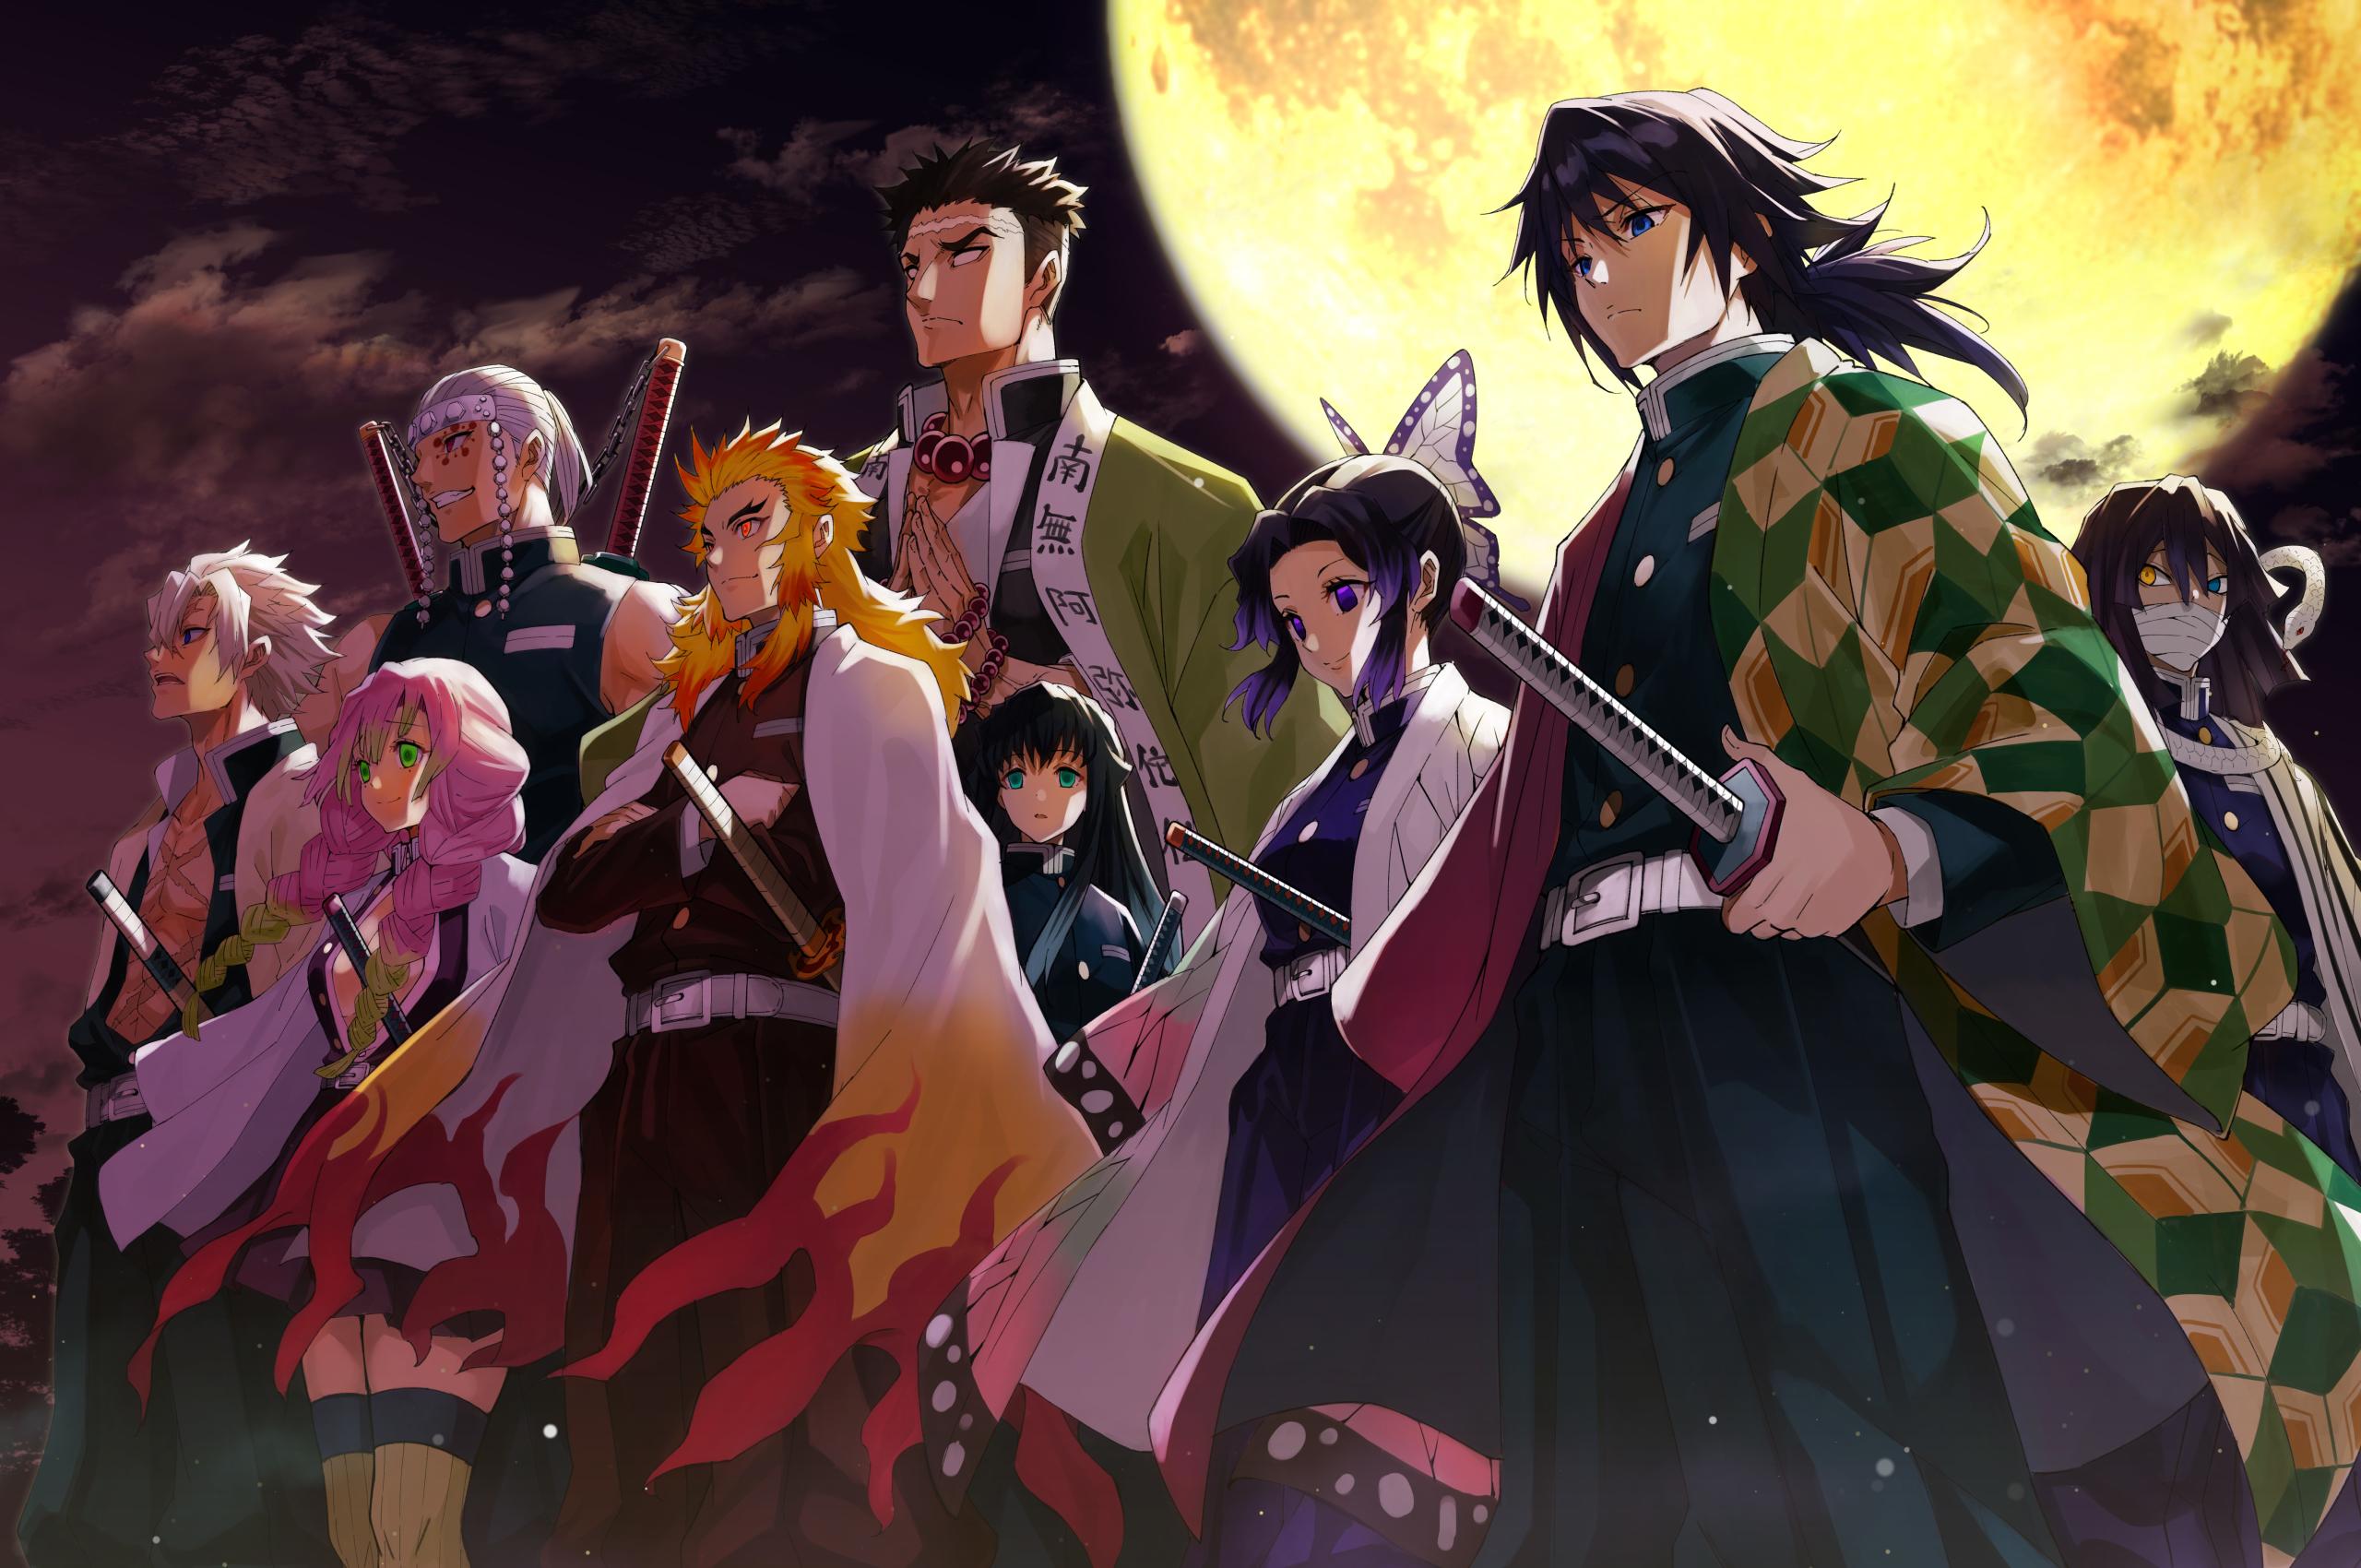 2560x1700 Demon Slayer Kimetsu no Yaiba 4K Characters ...